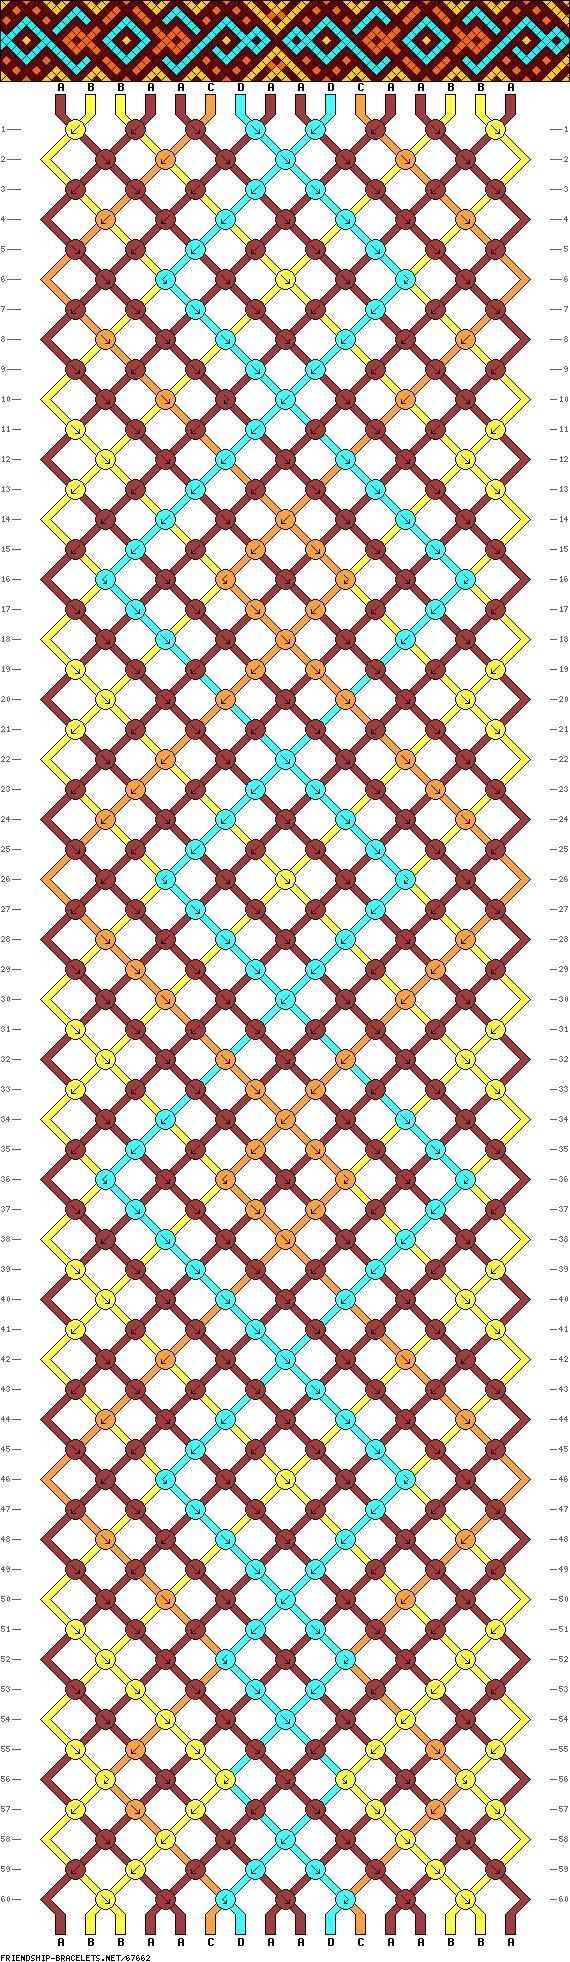 16 strings, 4 colors